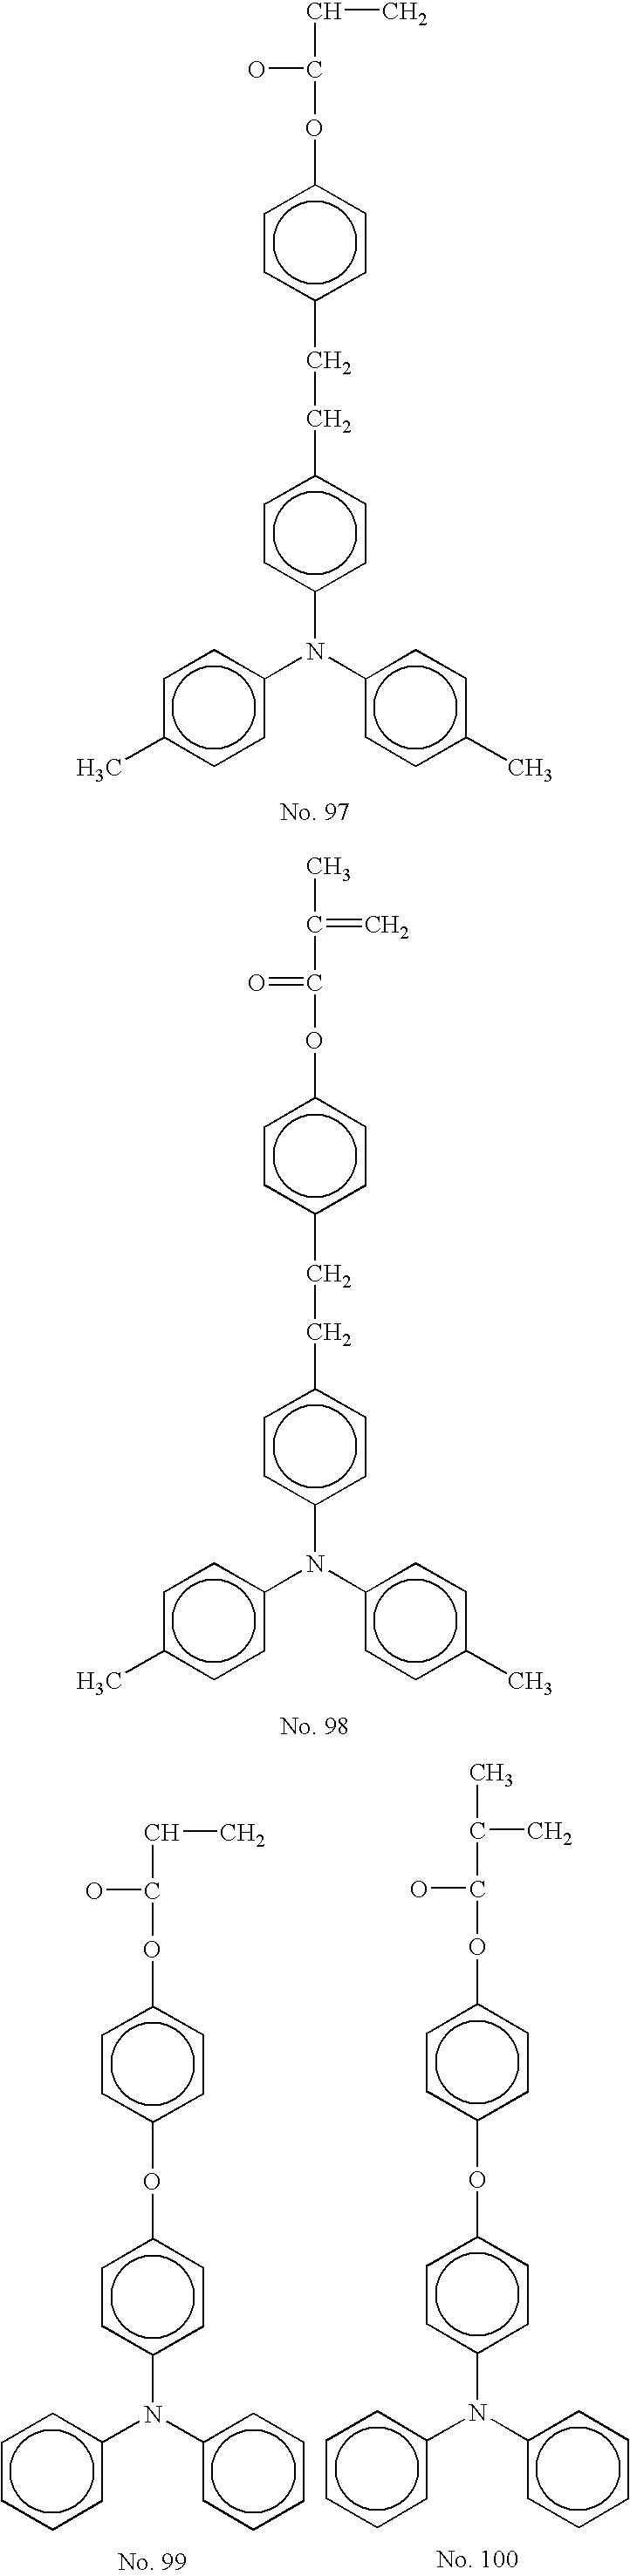 Figure US20070196749A1-20070823-C00035